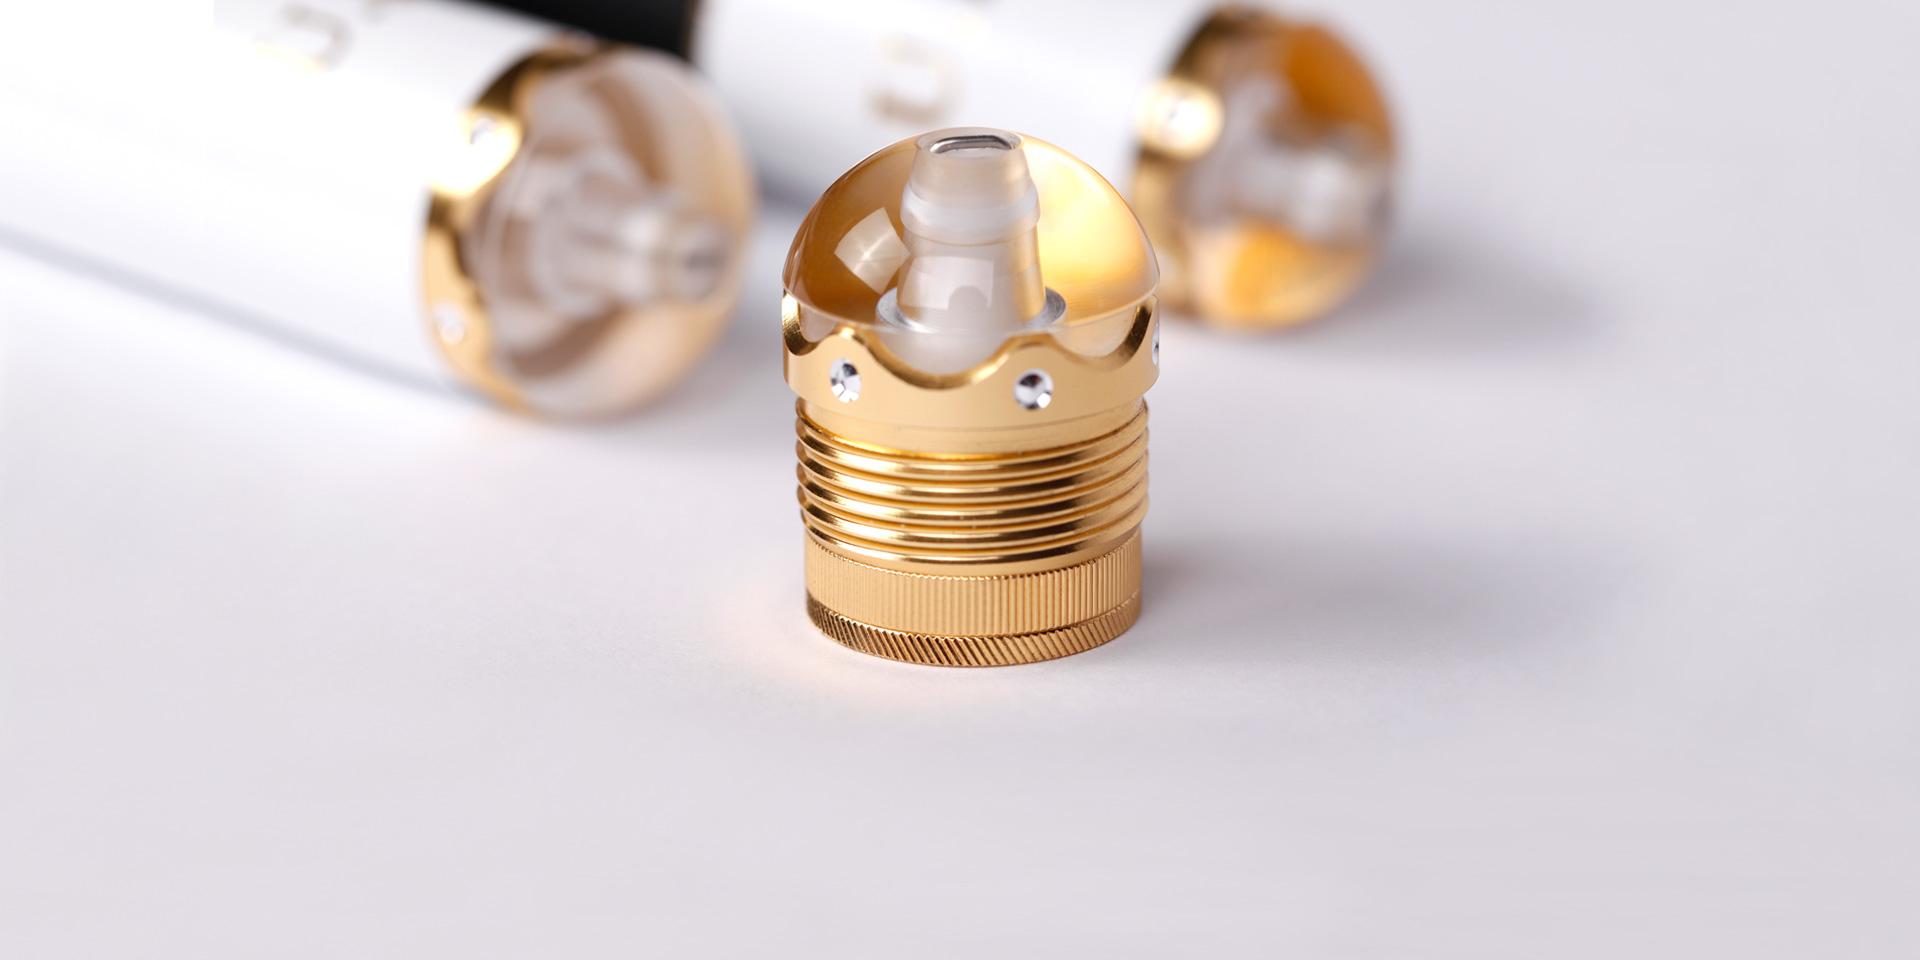 合金嵌钻工艺水晶后堵可360°旋转隐藏失手环,并装配可卸式纯金属配重件可随心所欲调节重心